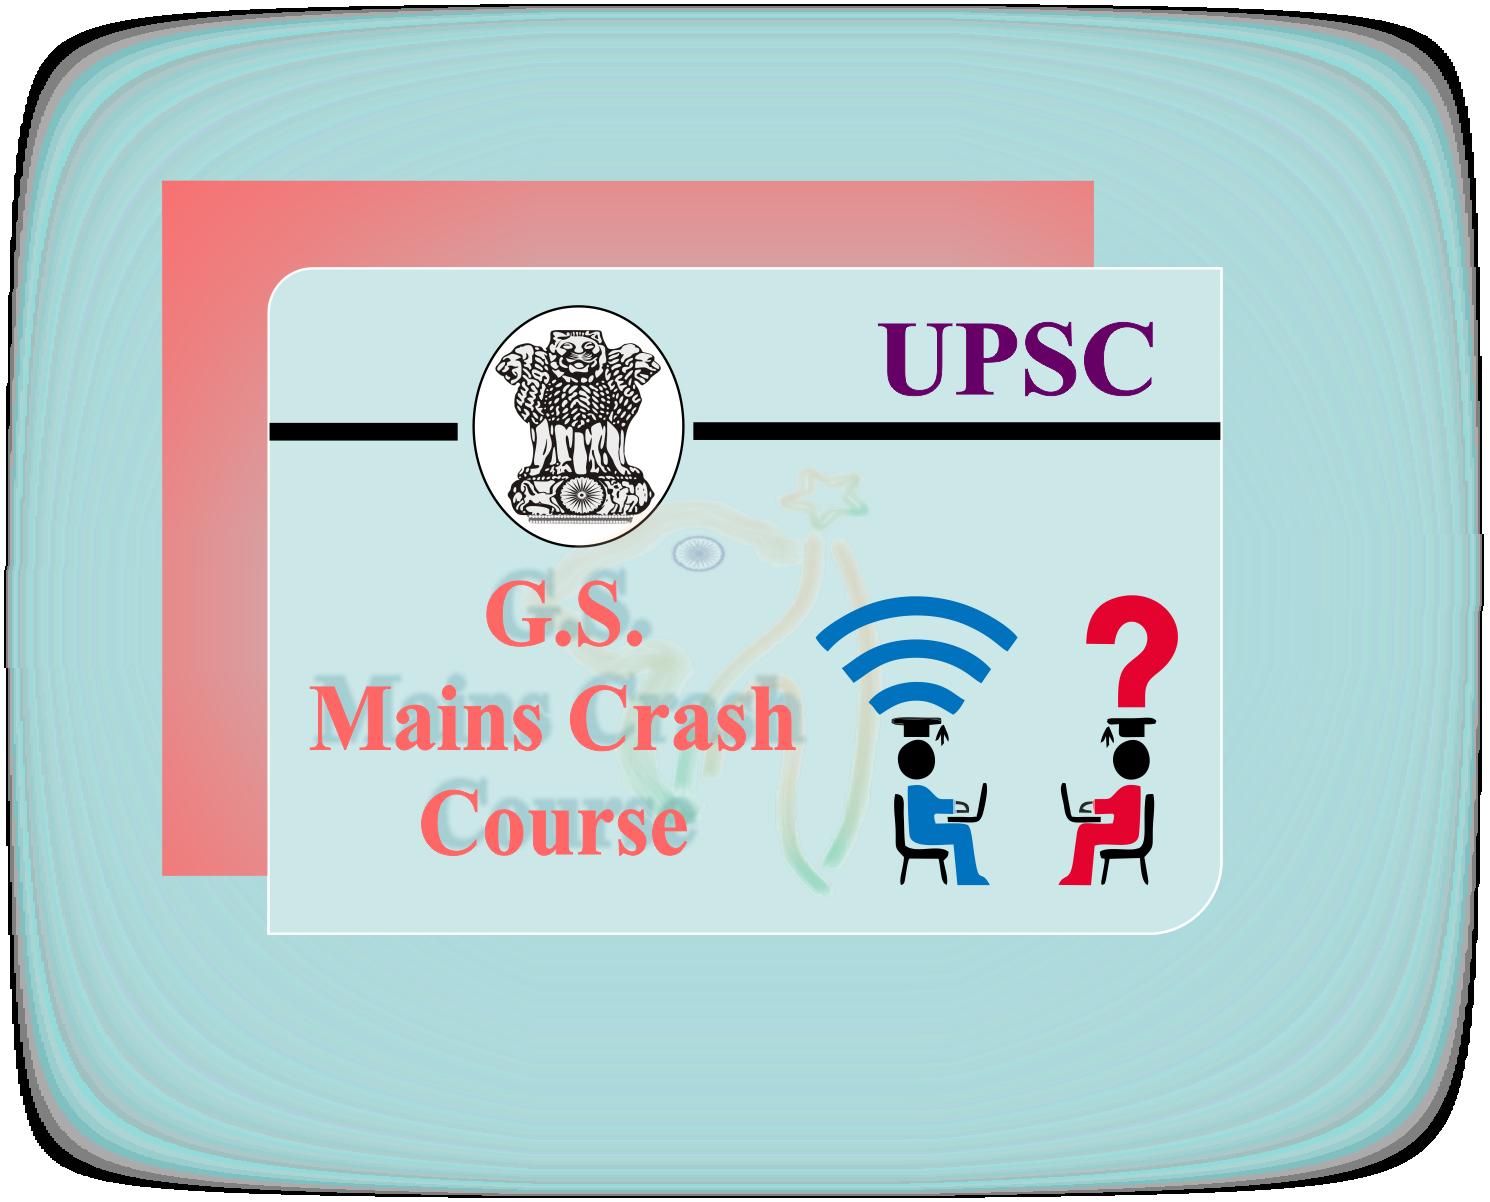 UPSC GS Mains Crash Course